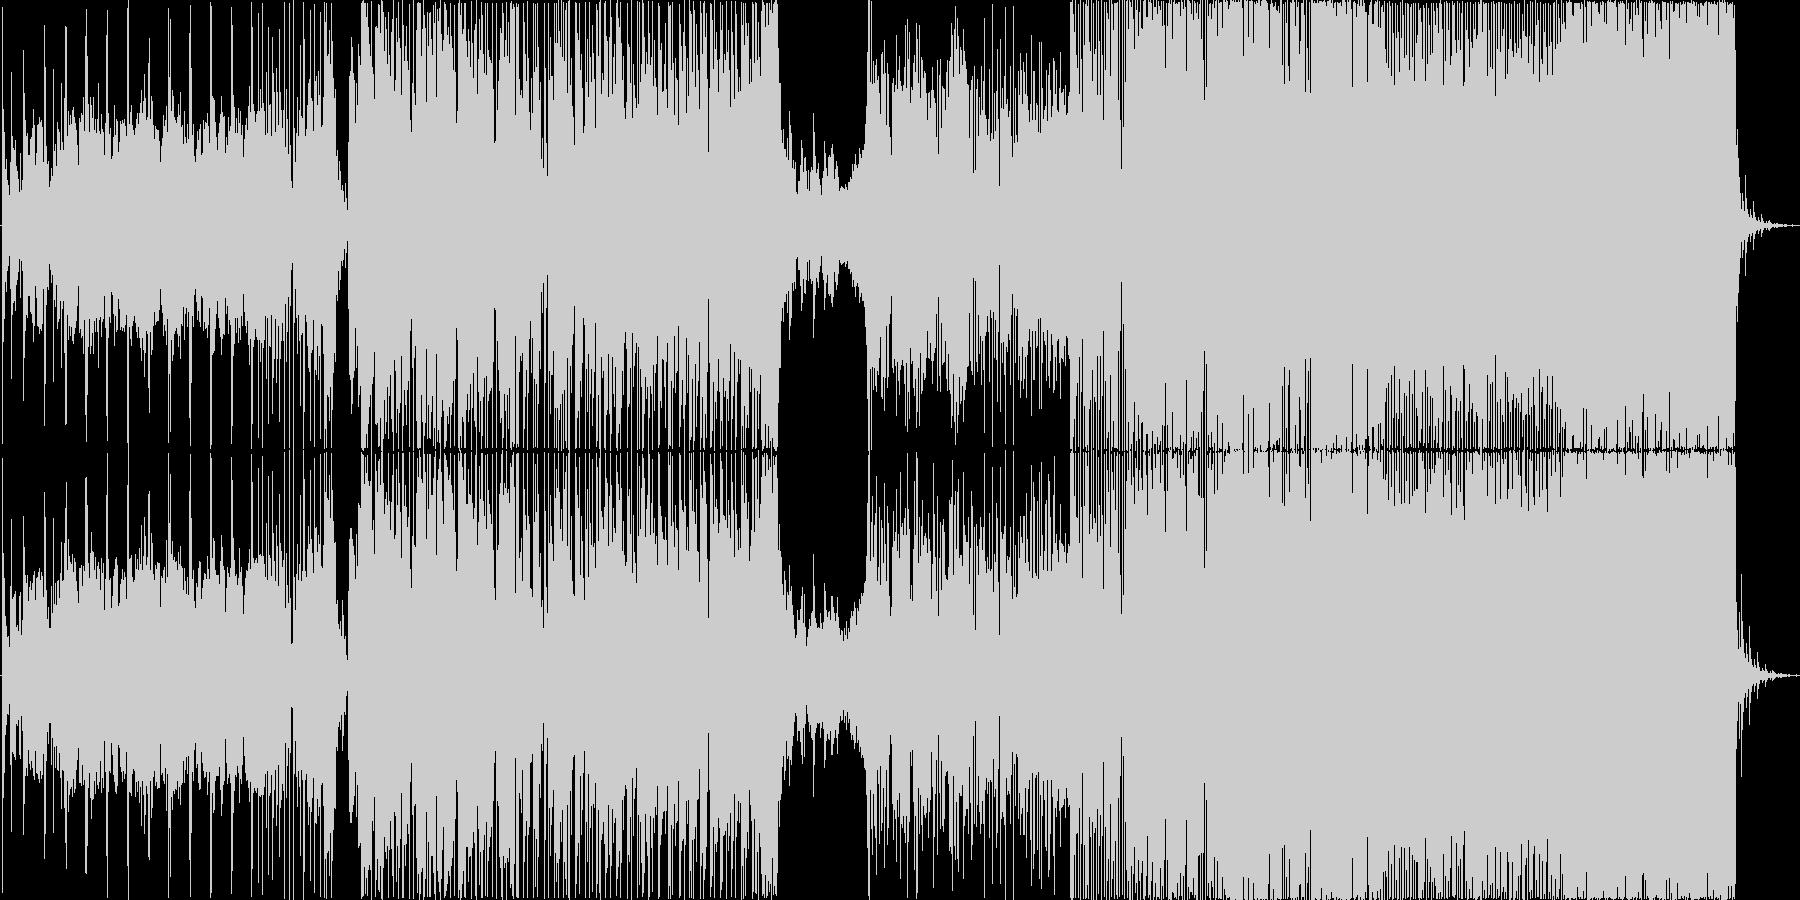 さわやかで切ないギターテクノロックの未再生の波形